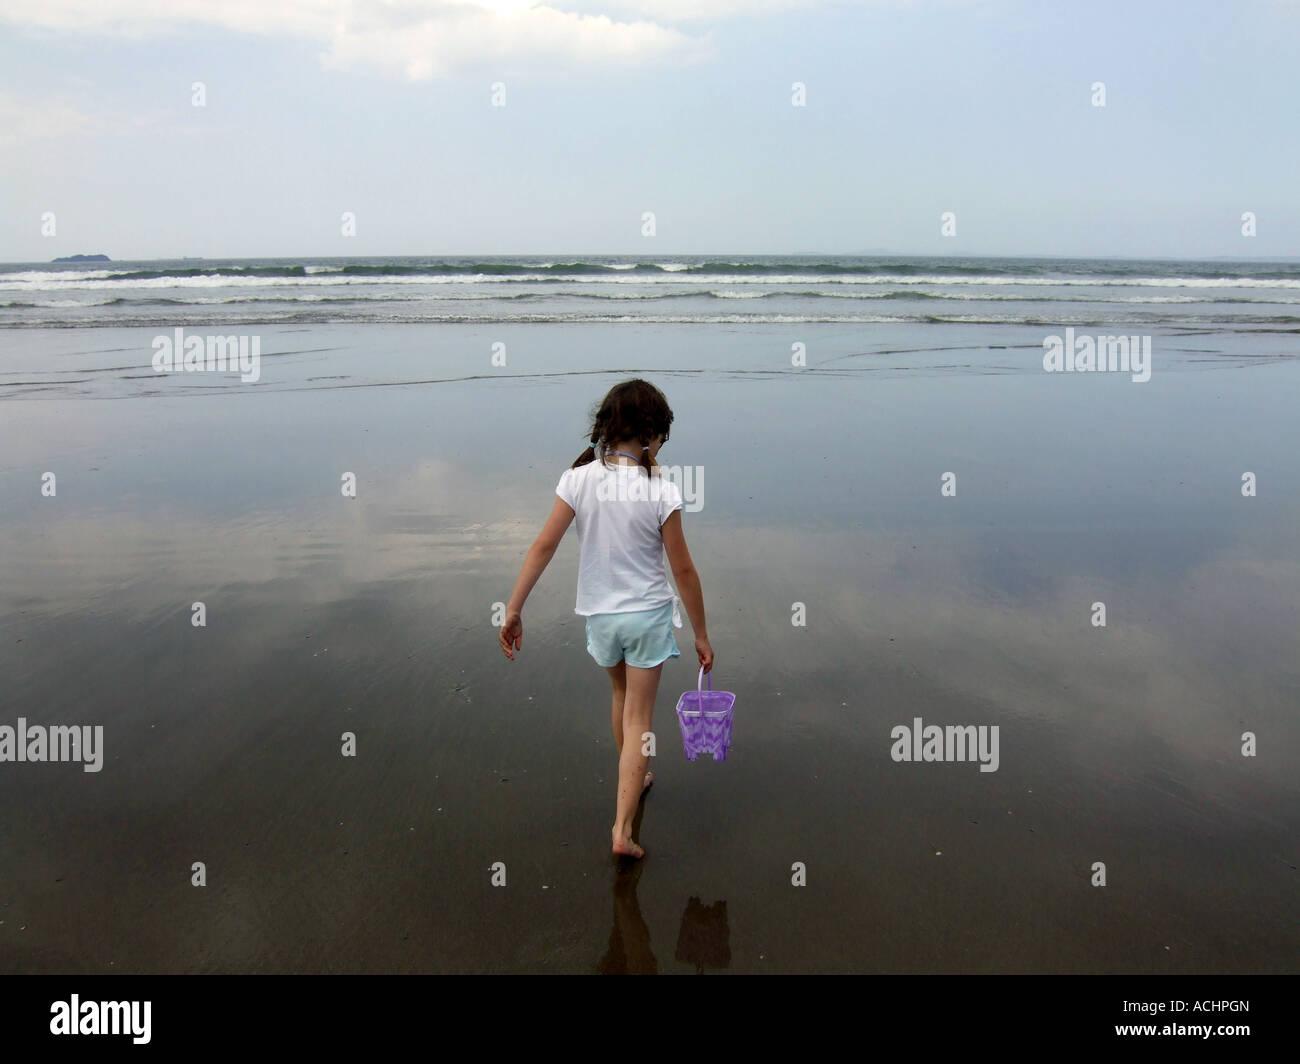 Ragazza camminare verso il mare portante una benna, REGNO UNITO Foto Stock